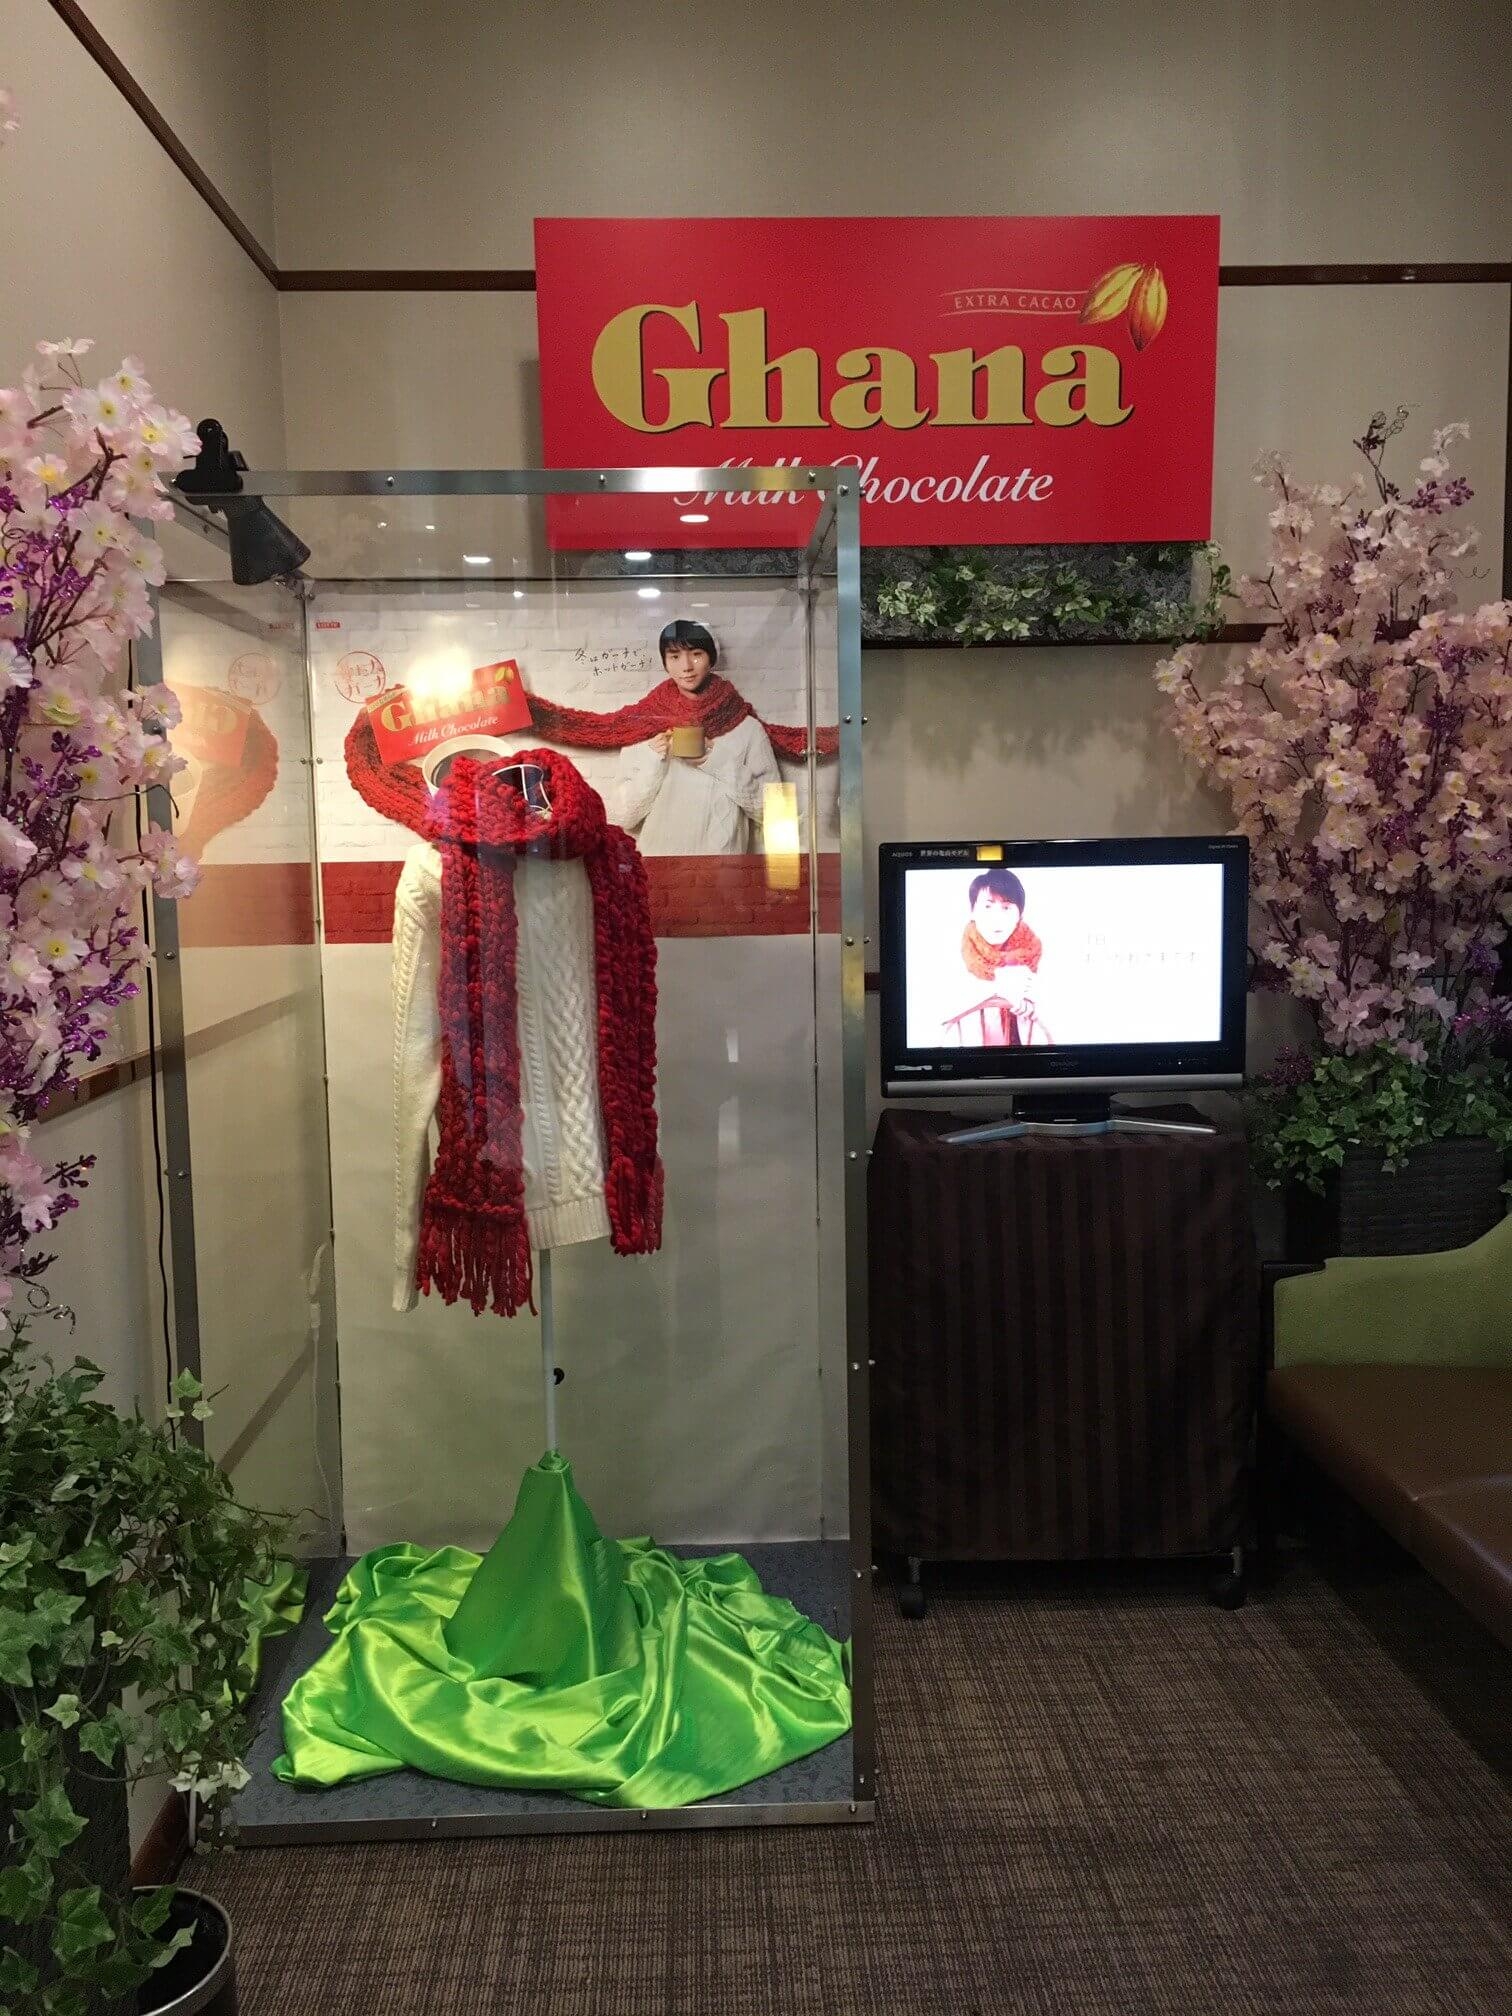 ロッテシティホテル錦糸町で羽生結弦が使った衣装が展示!!